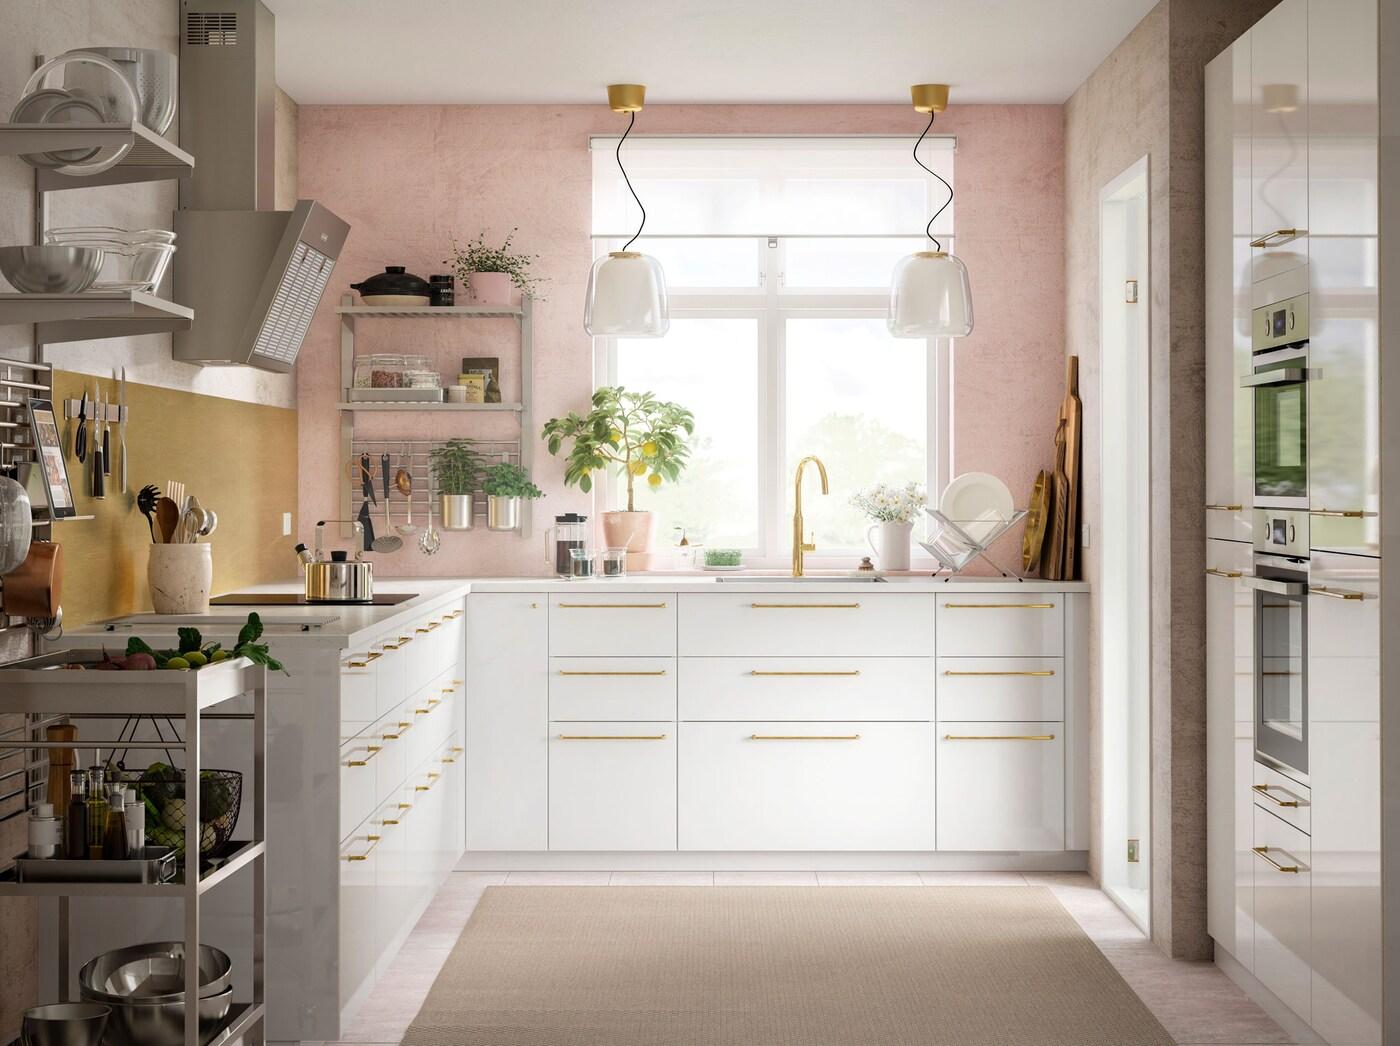 Schienen und Regale für eine offene Küche - IKEA